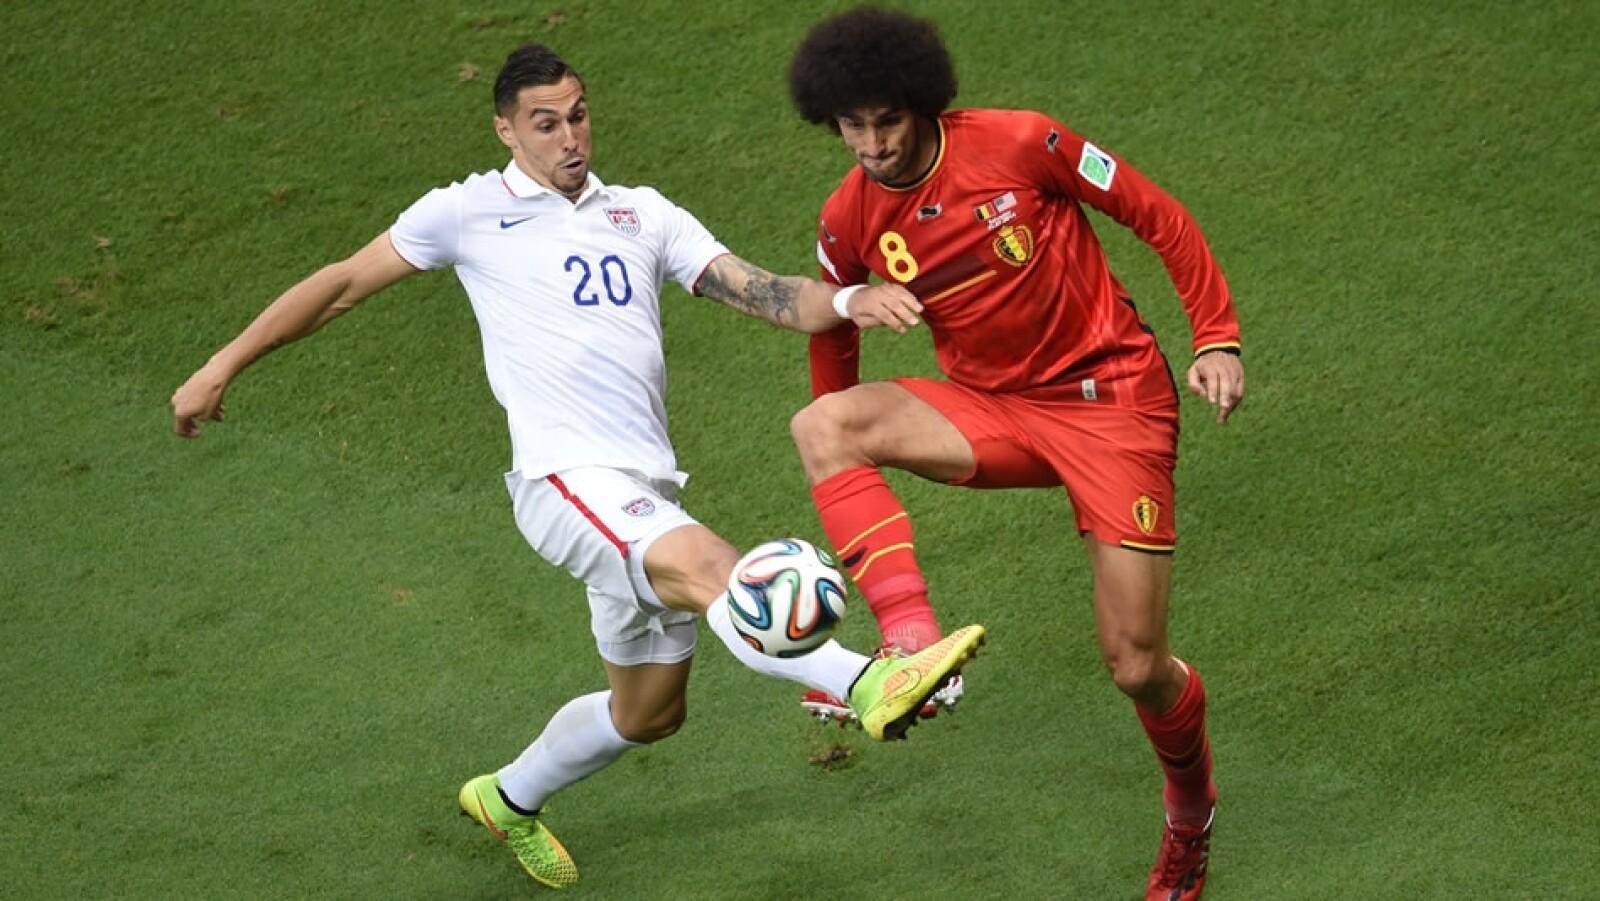 Eu vs Bélgica